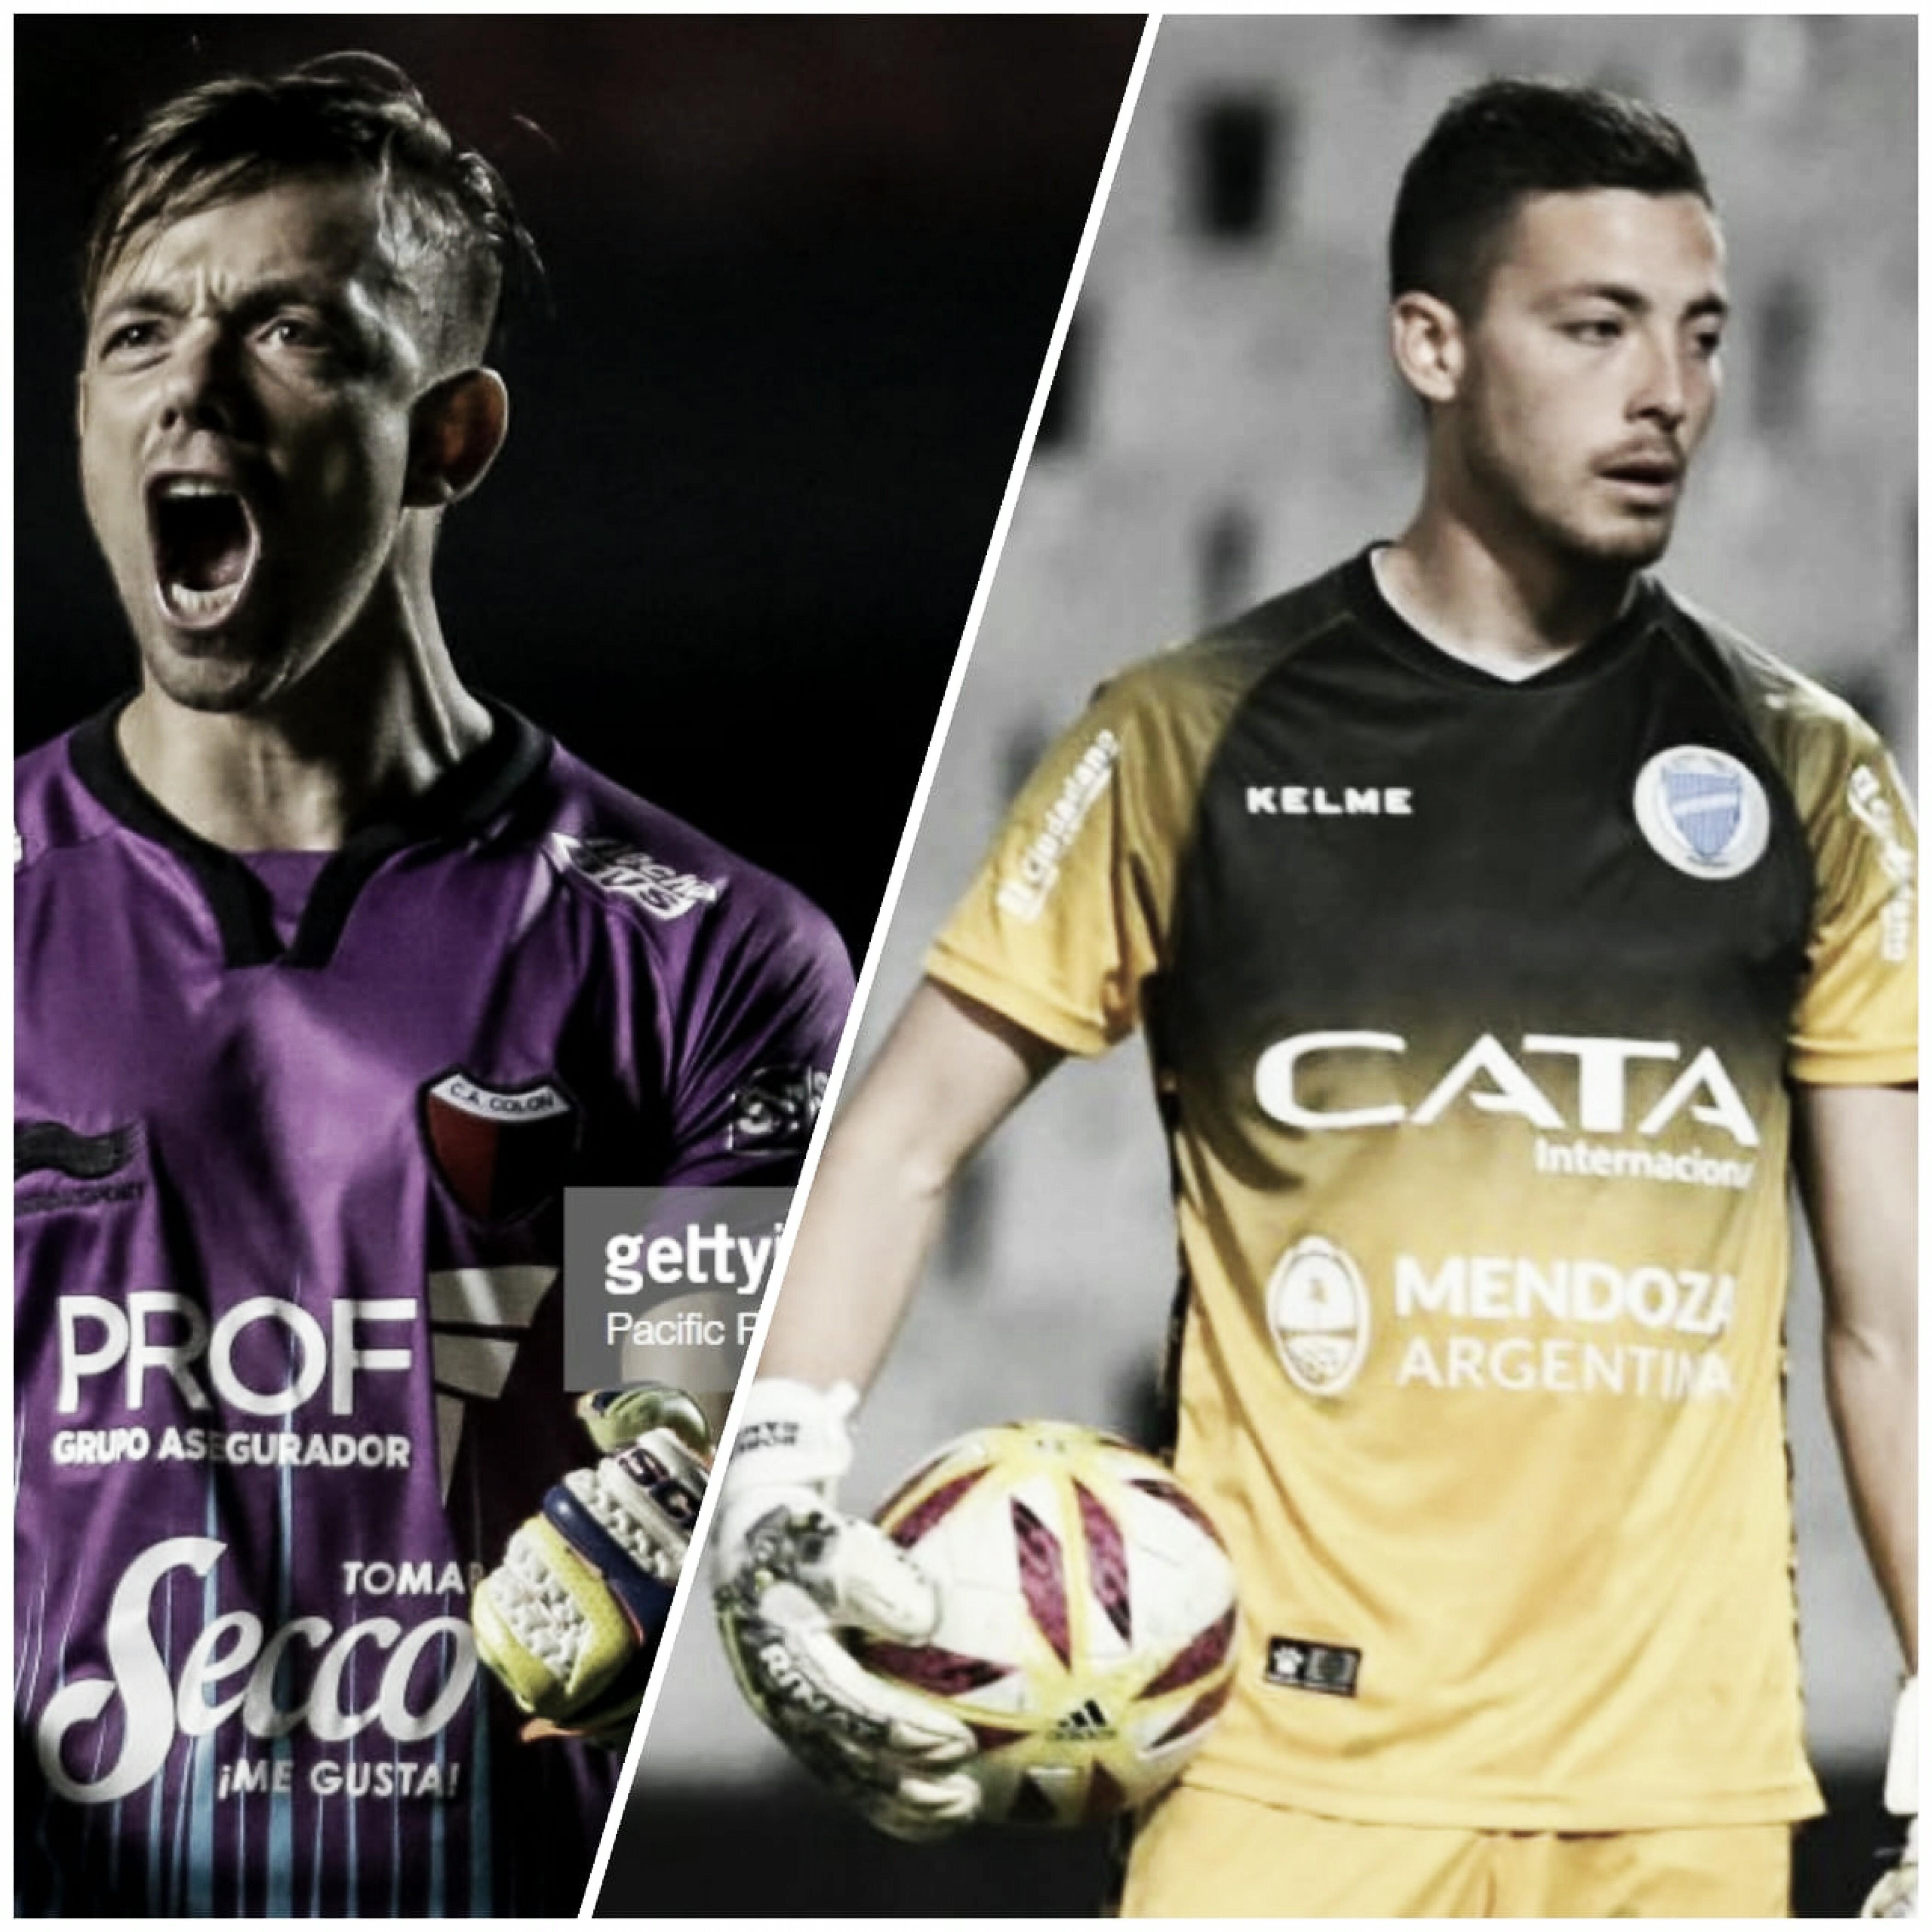 Cara a cara: Leonardo Burián vs Roberto Ramírez